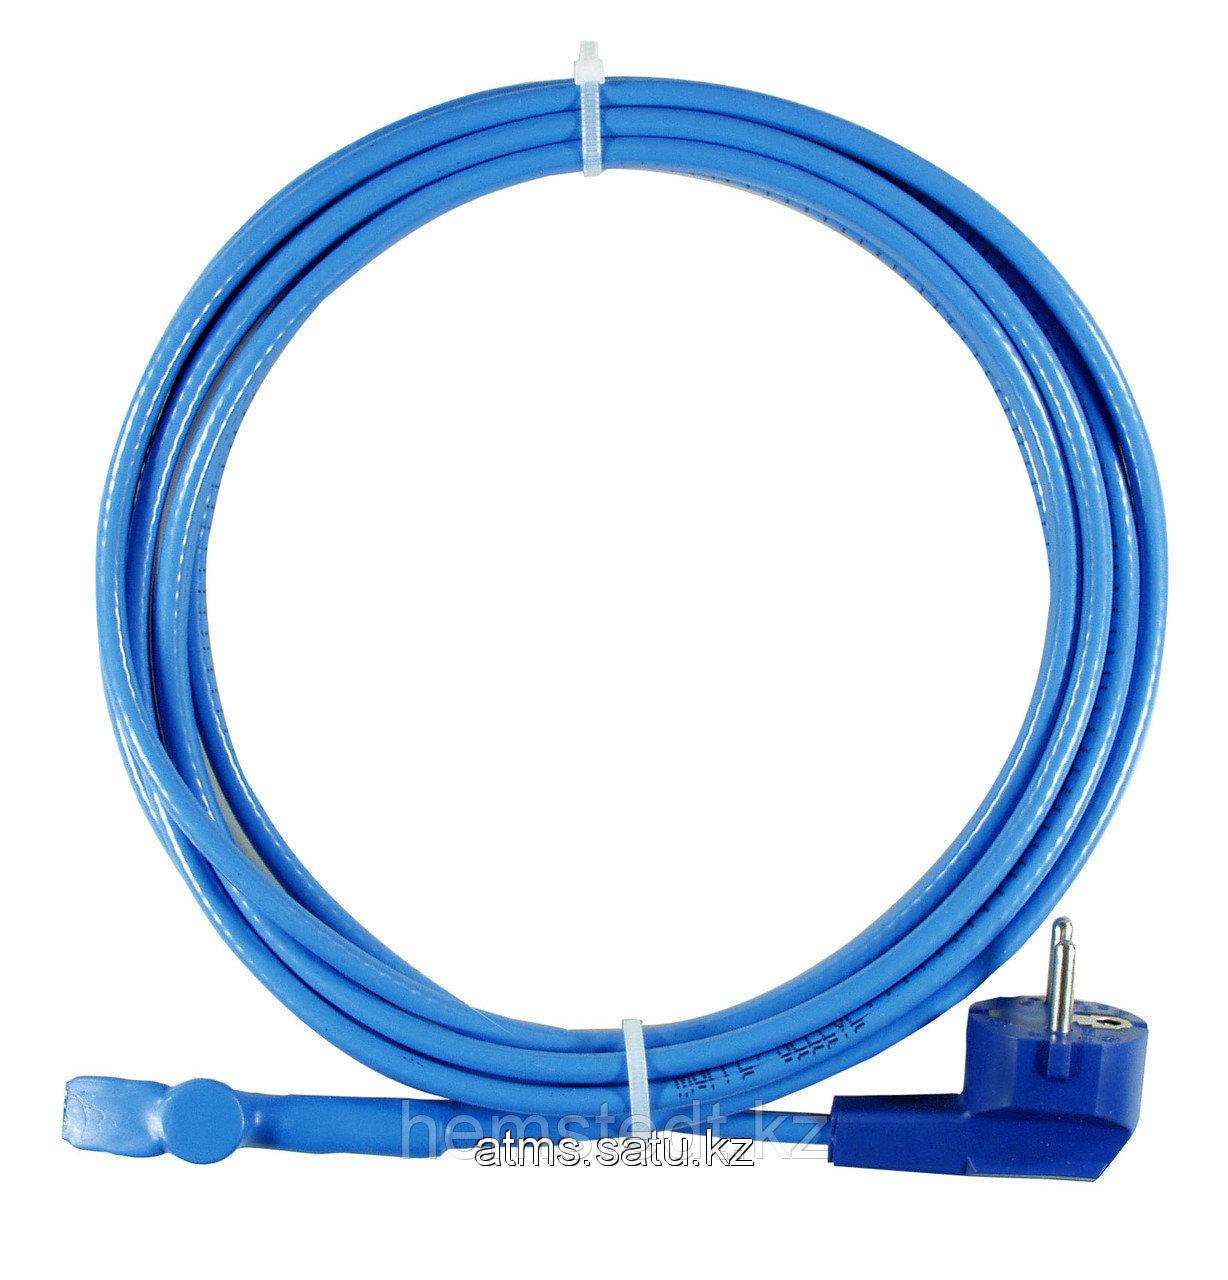 Кабель Hemstedt FS для защиты трубопроводов от замерзания с термоограничителем 24м